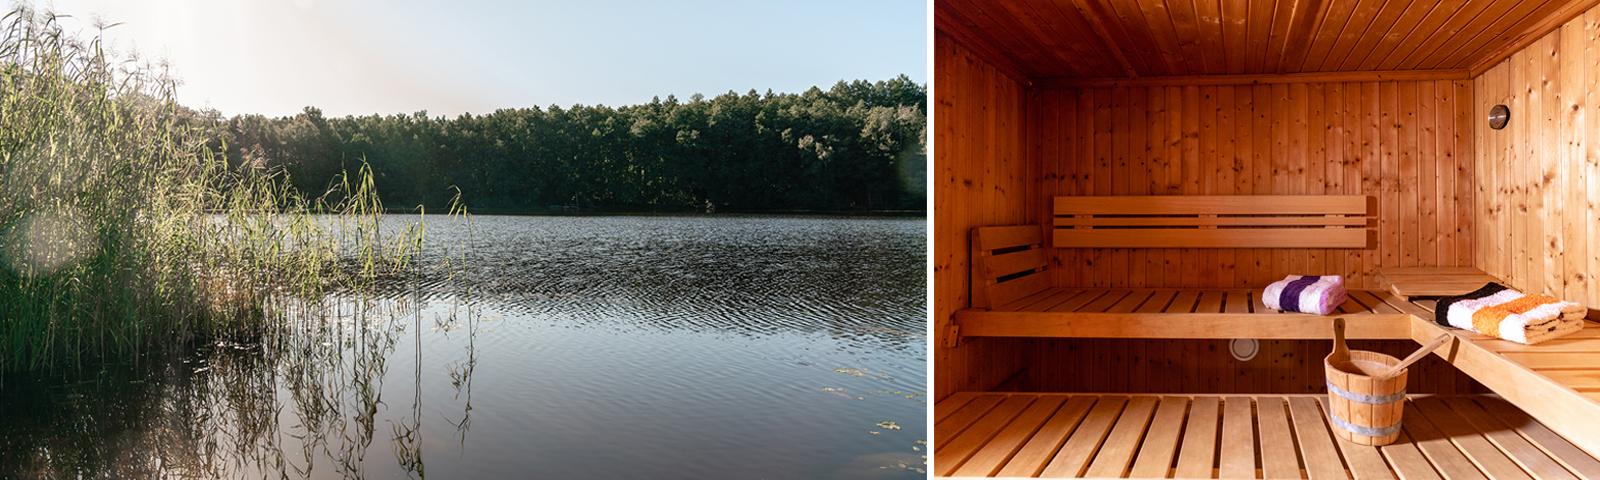 Sauna am See | Wandlitz